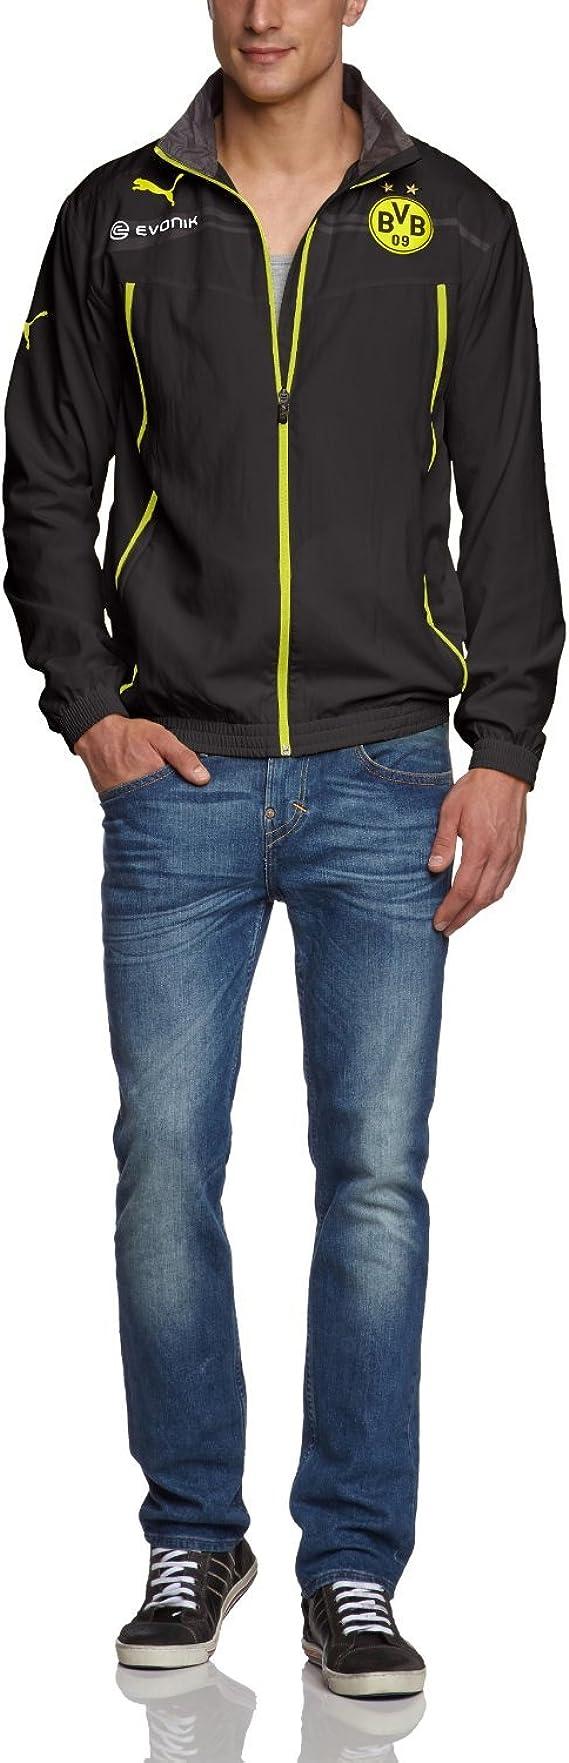 Puma Woven Jacket – Chaqueta de presentación de BVB Borussia de ...